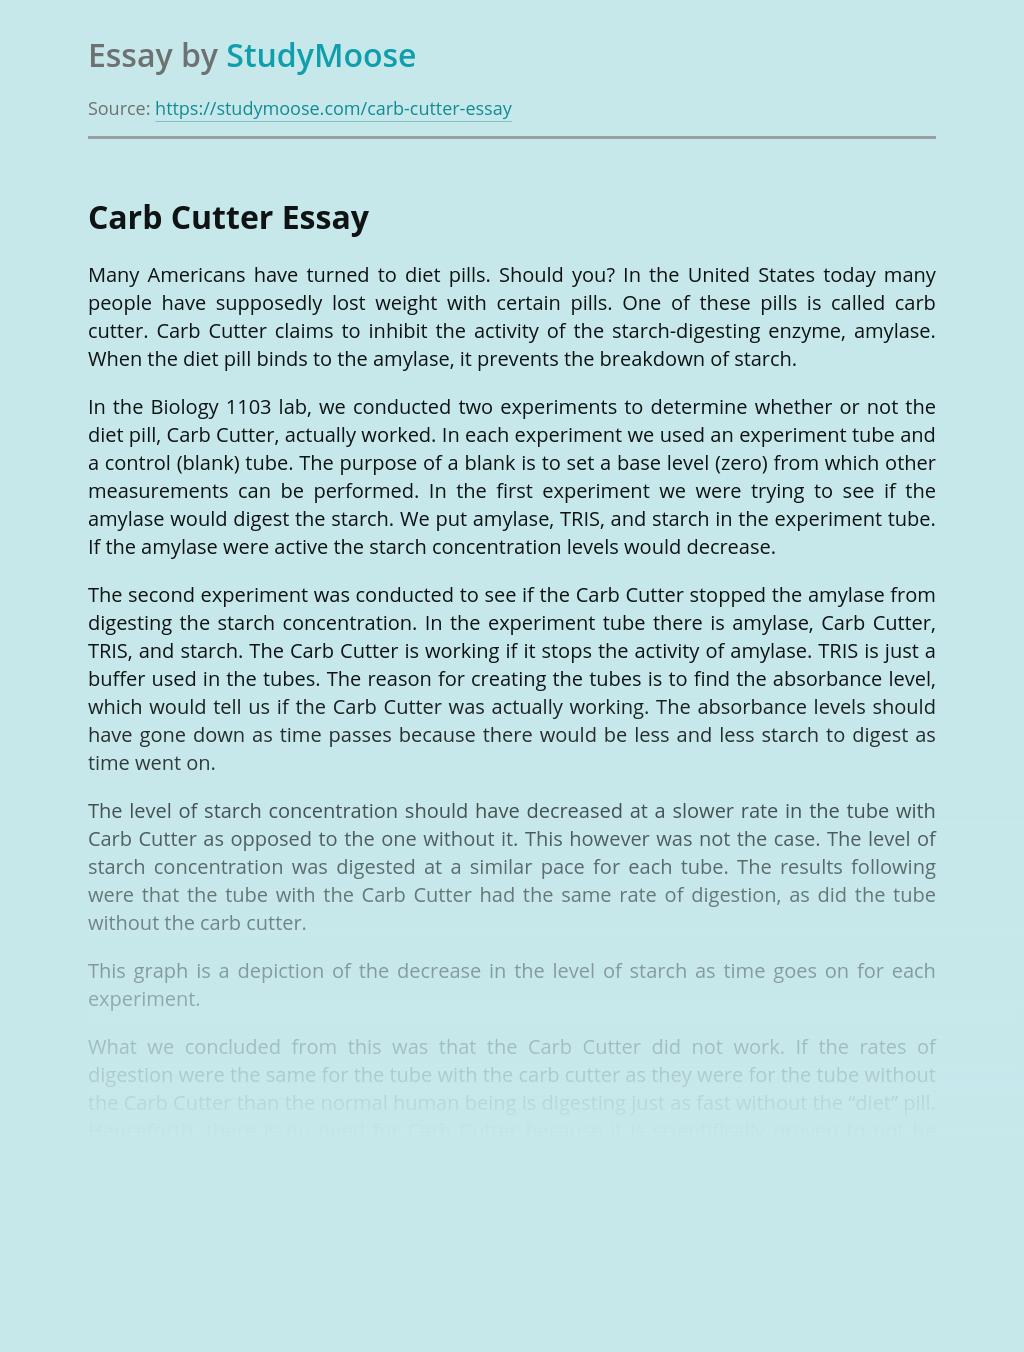 Carb Cutter